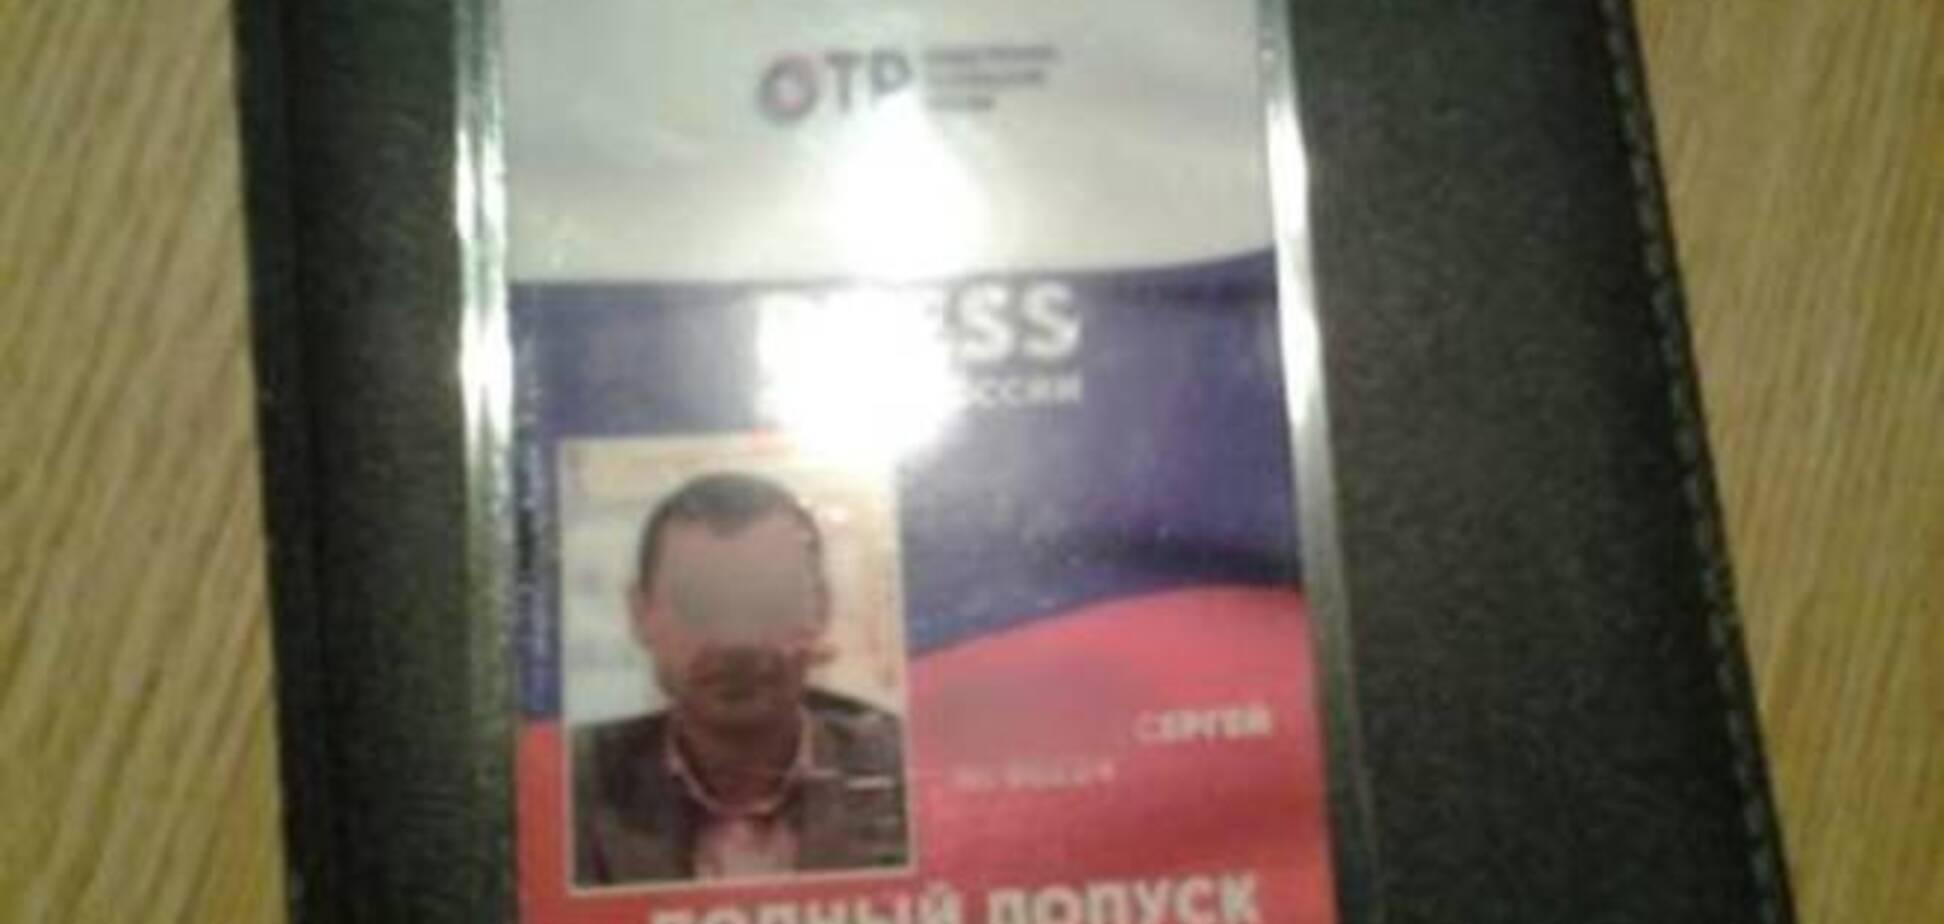 СБУ задержала основателя сообщества 'Левый сектор - Харьков' с удостоверением российского журналиста